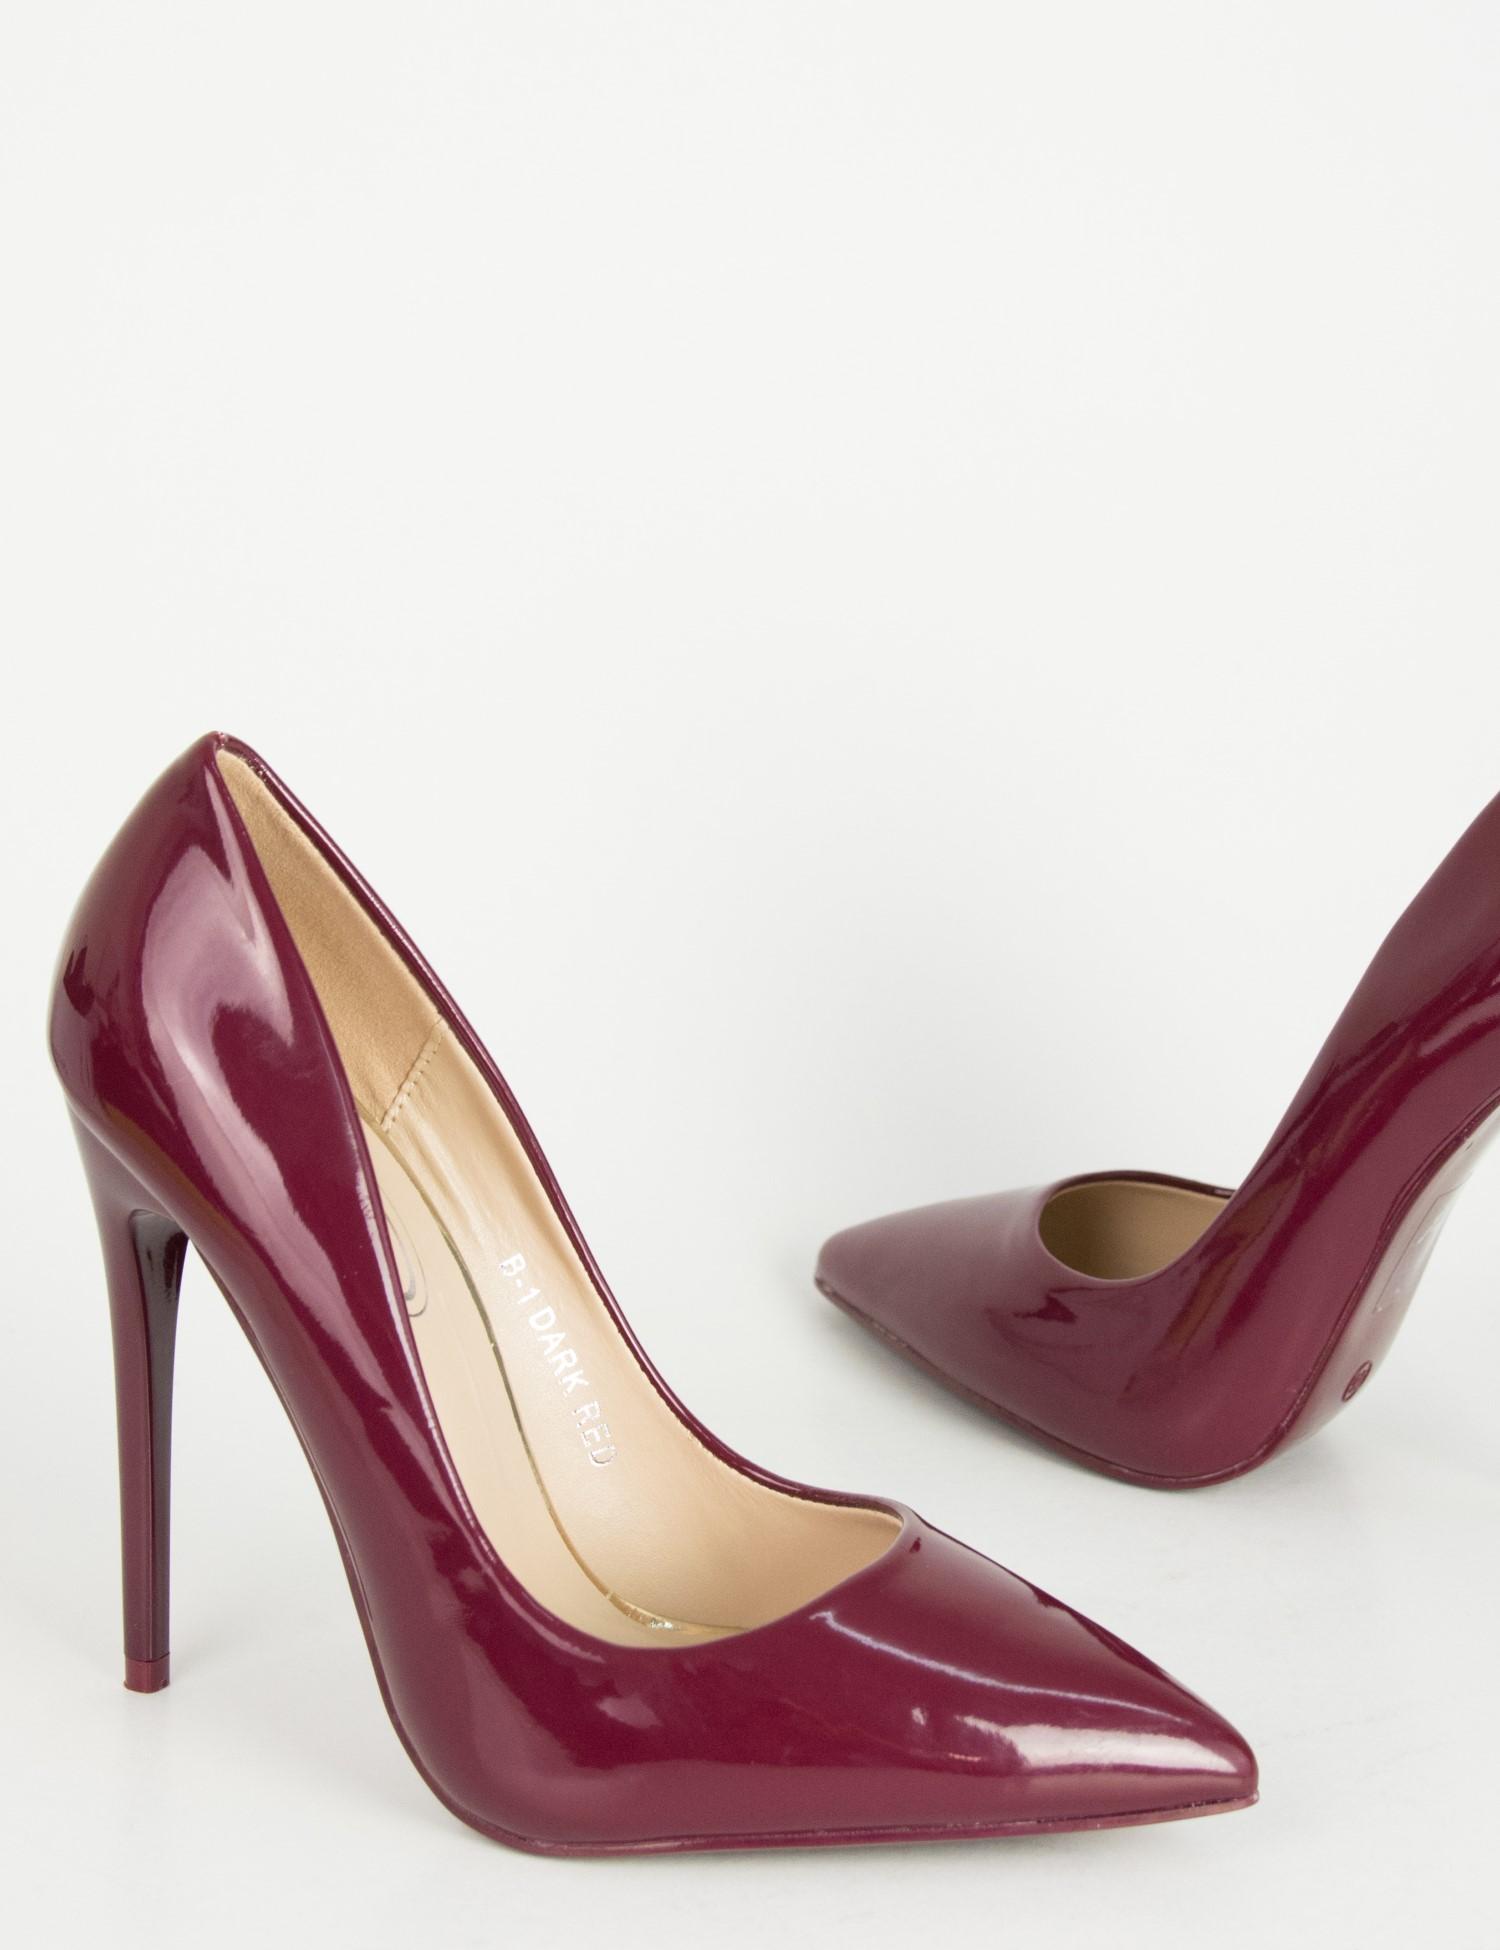 e6e8a14f008 Γυναικεία Παπούτσια, Γόβες